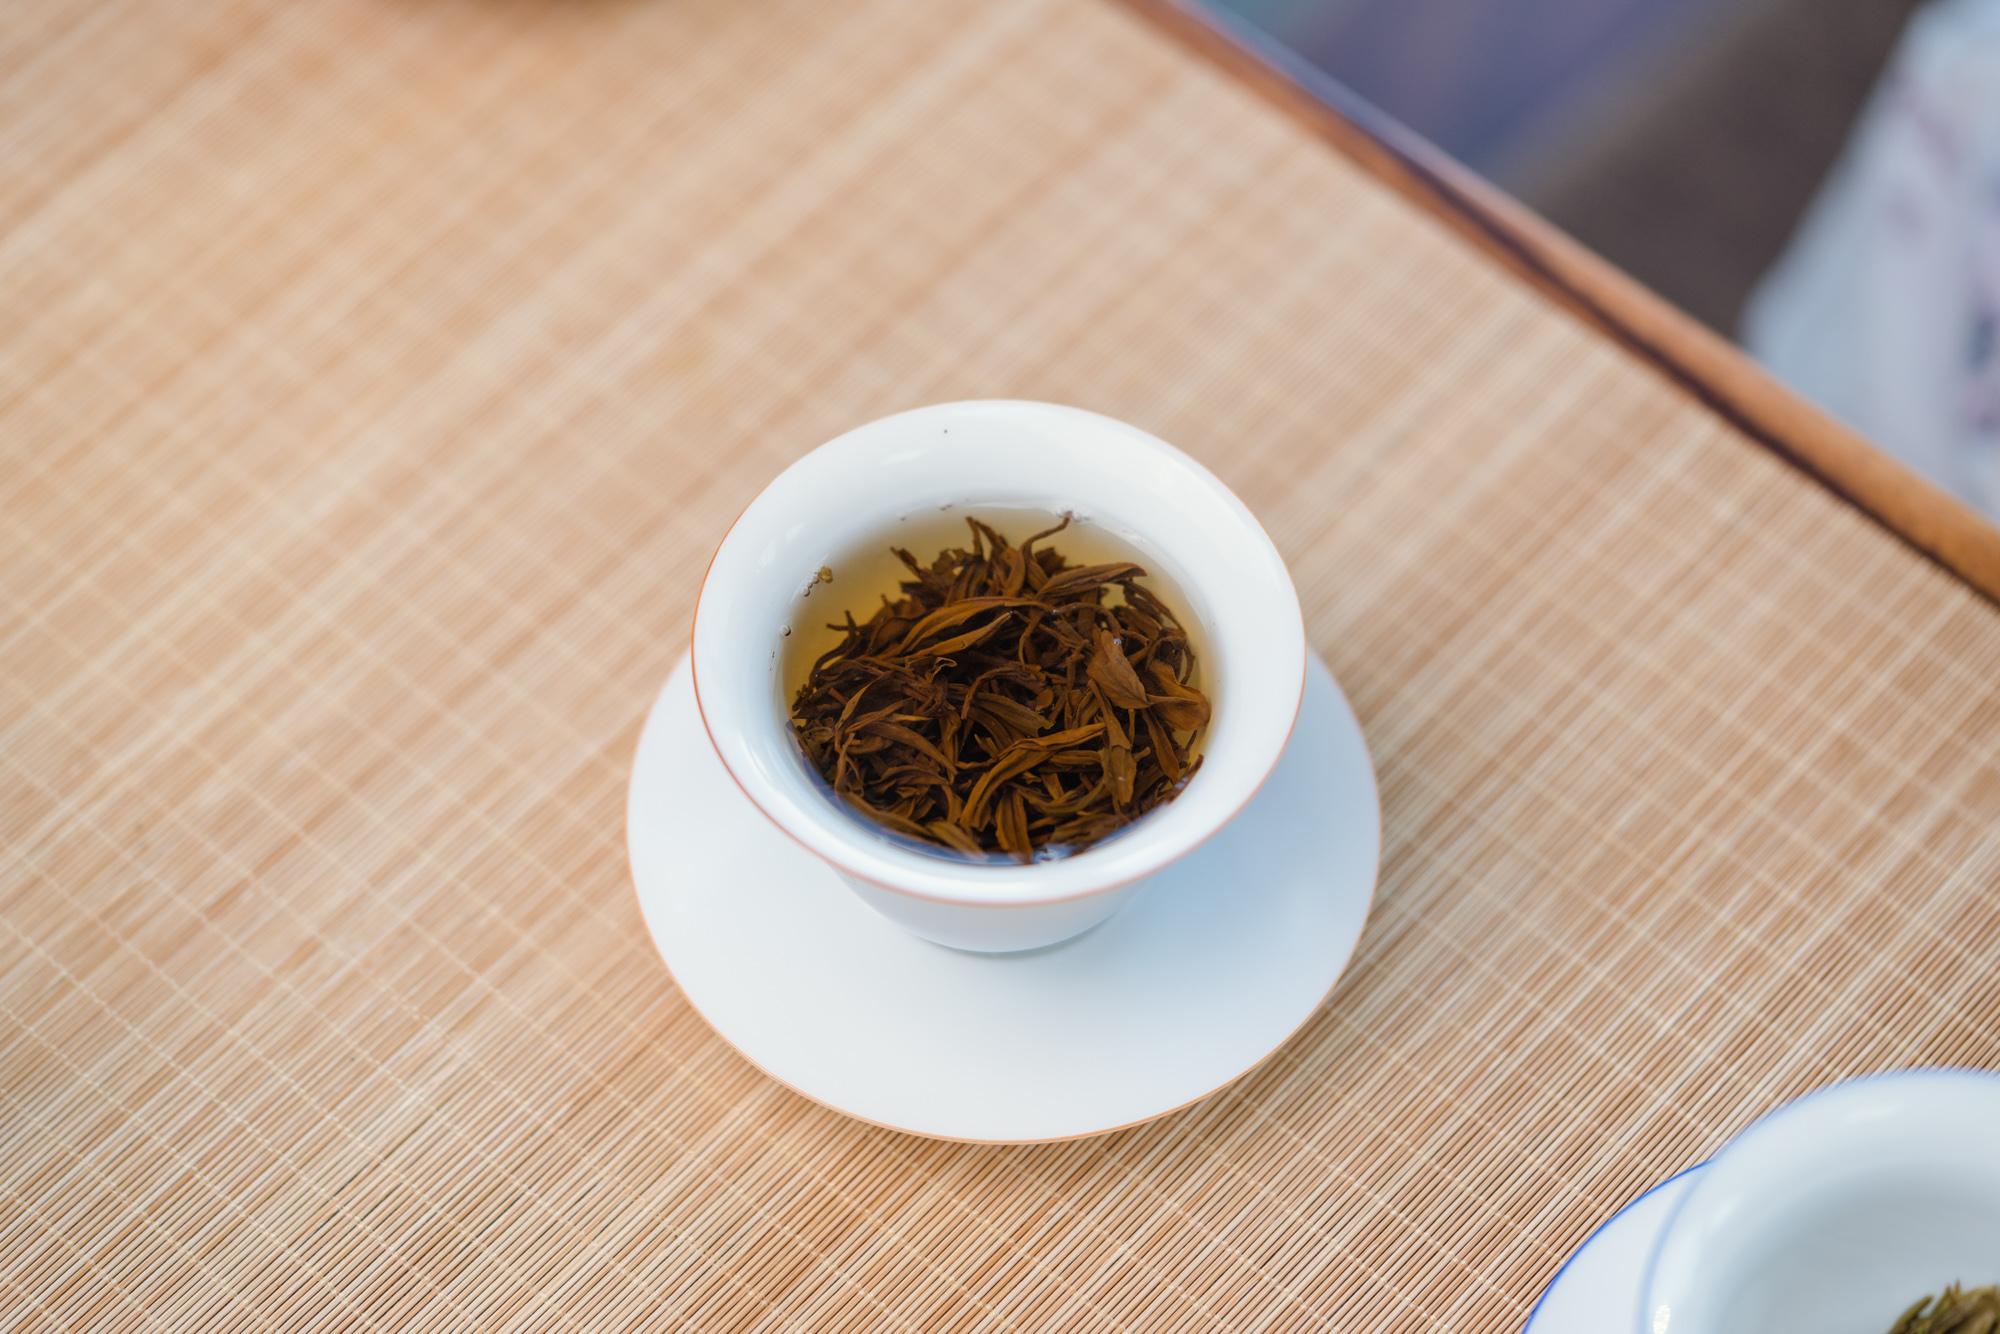 小喜年-泡过的茶叶不要急着倒掉,这4个小妙招才是实用、可操作的